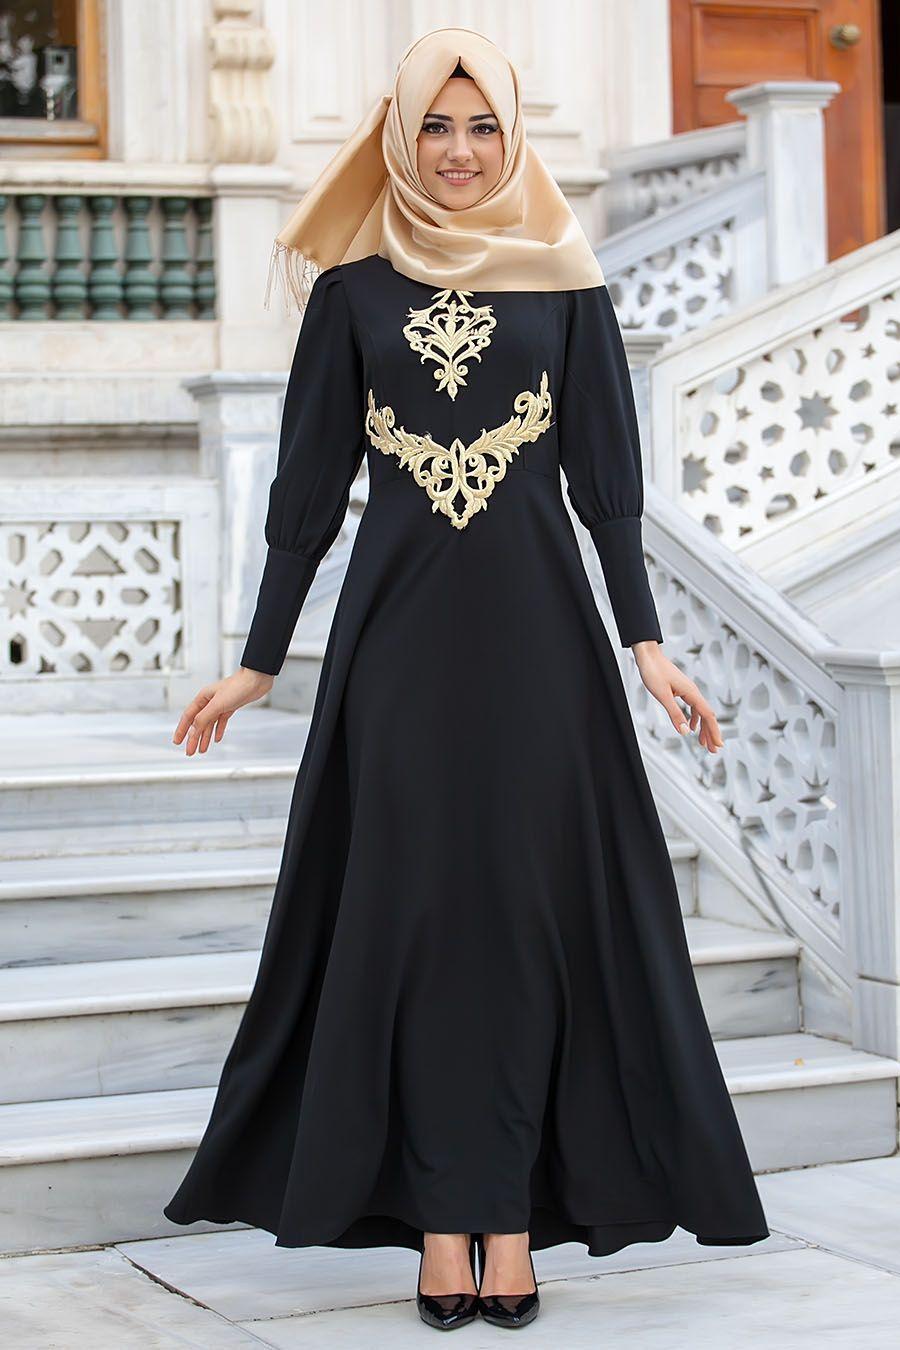 New Kenza New Kenza Siyah Abiye Elbise Tesettur Bayan Giyimde Elbise Ferace Esarp Sal Hasema Ve Pardesu G Aksamustu Giysileri The Dress Musluman Elbisesi